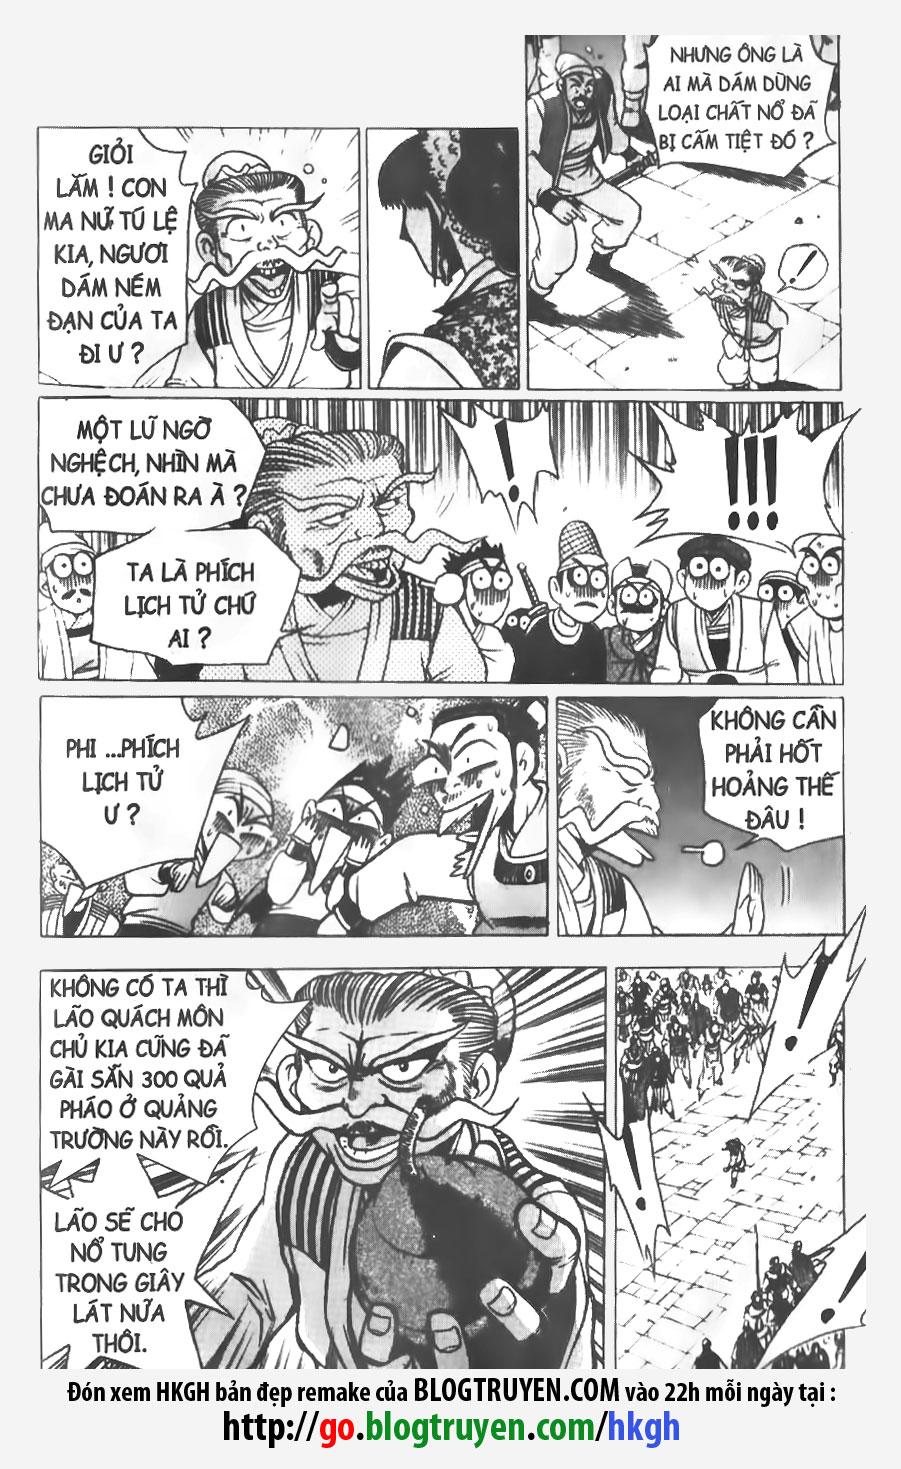 xem truyen moi - Hiệp Khách Giang Hồ Vol20 - Chap 135 - Remake